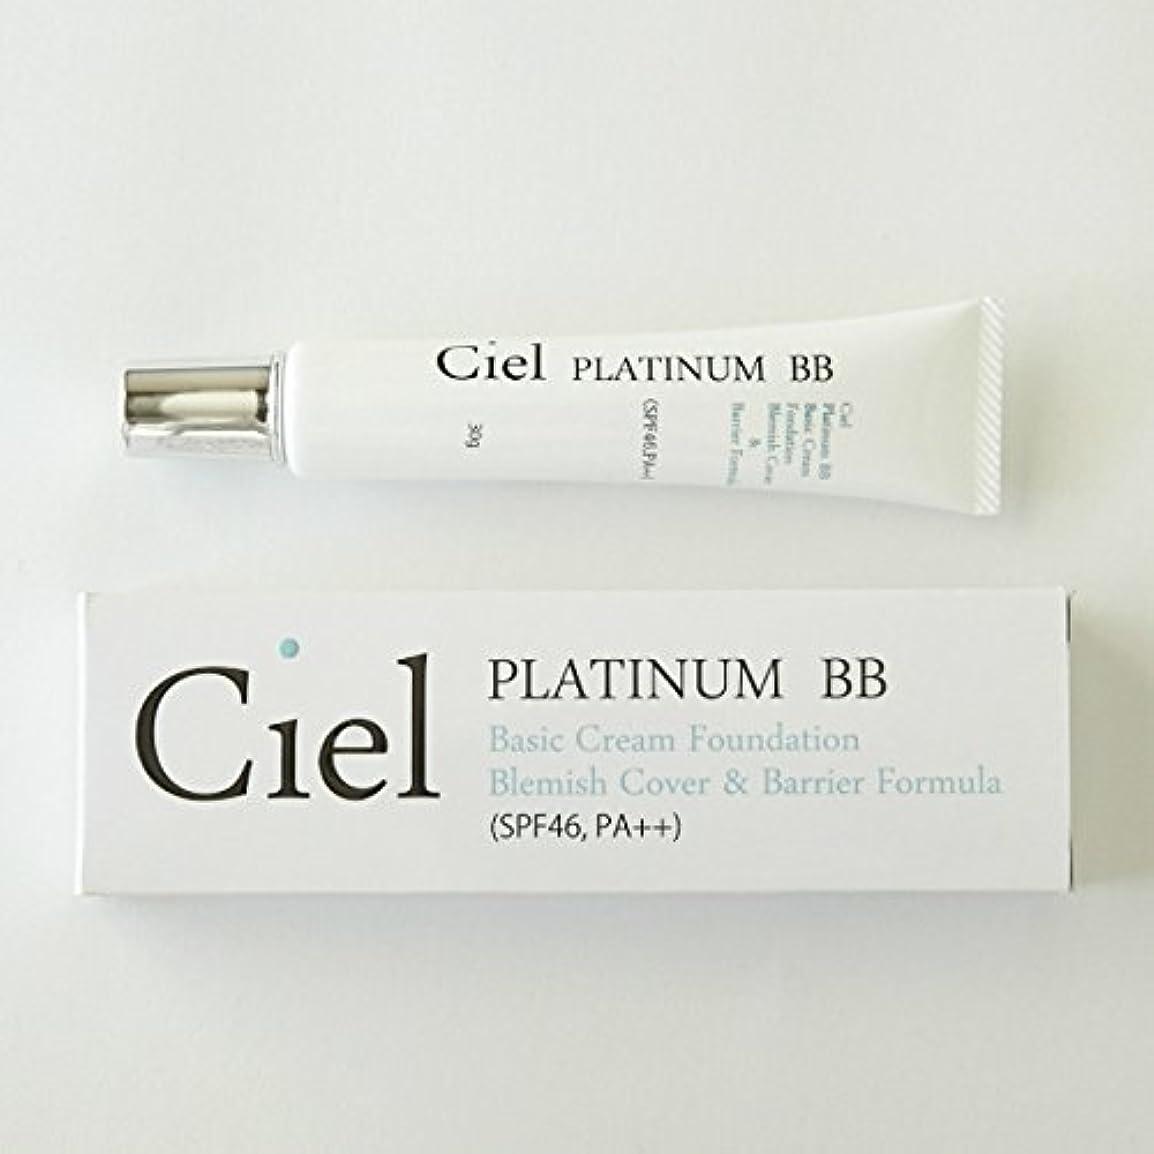 に対処する文句を言うローズCiel Salon de Beaute Ciel PLATINUM BB SPF46 BBクリーム ファンデーション 日本製 日焼け止め